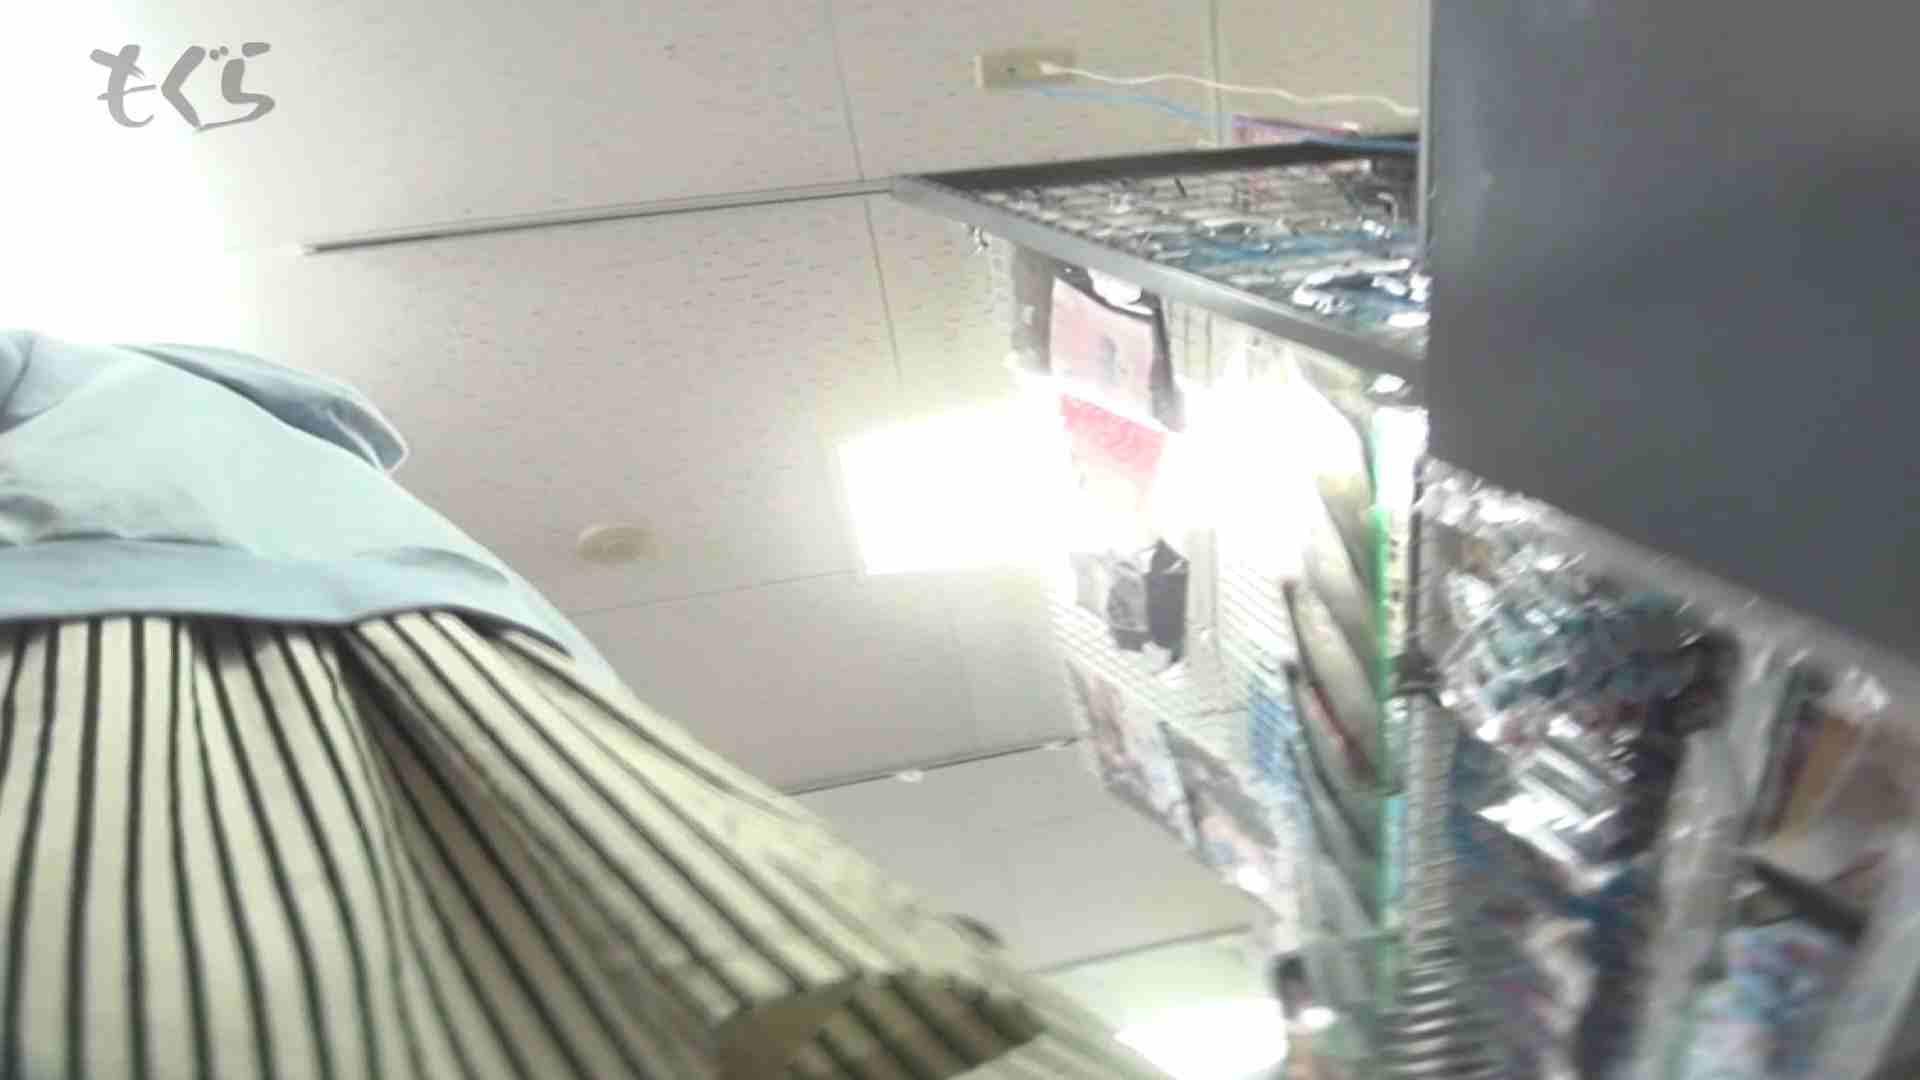 隣からNo19 清楚系ミニスカの中のむっちりとした太もも!! 丸見え アダルト動画キャプチャ 112画像 57